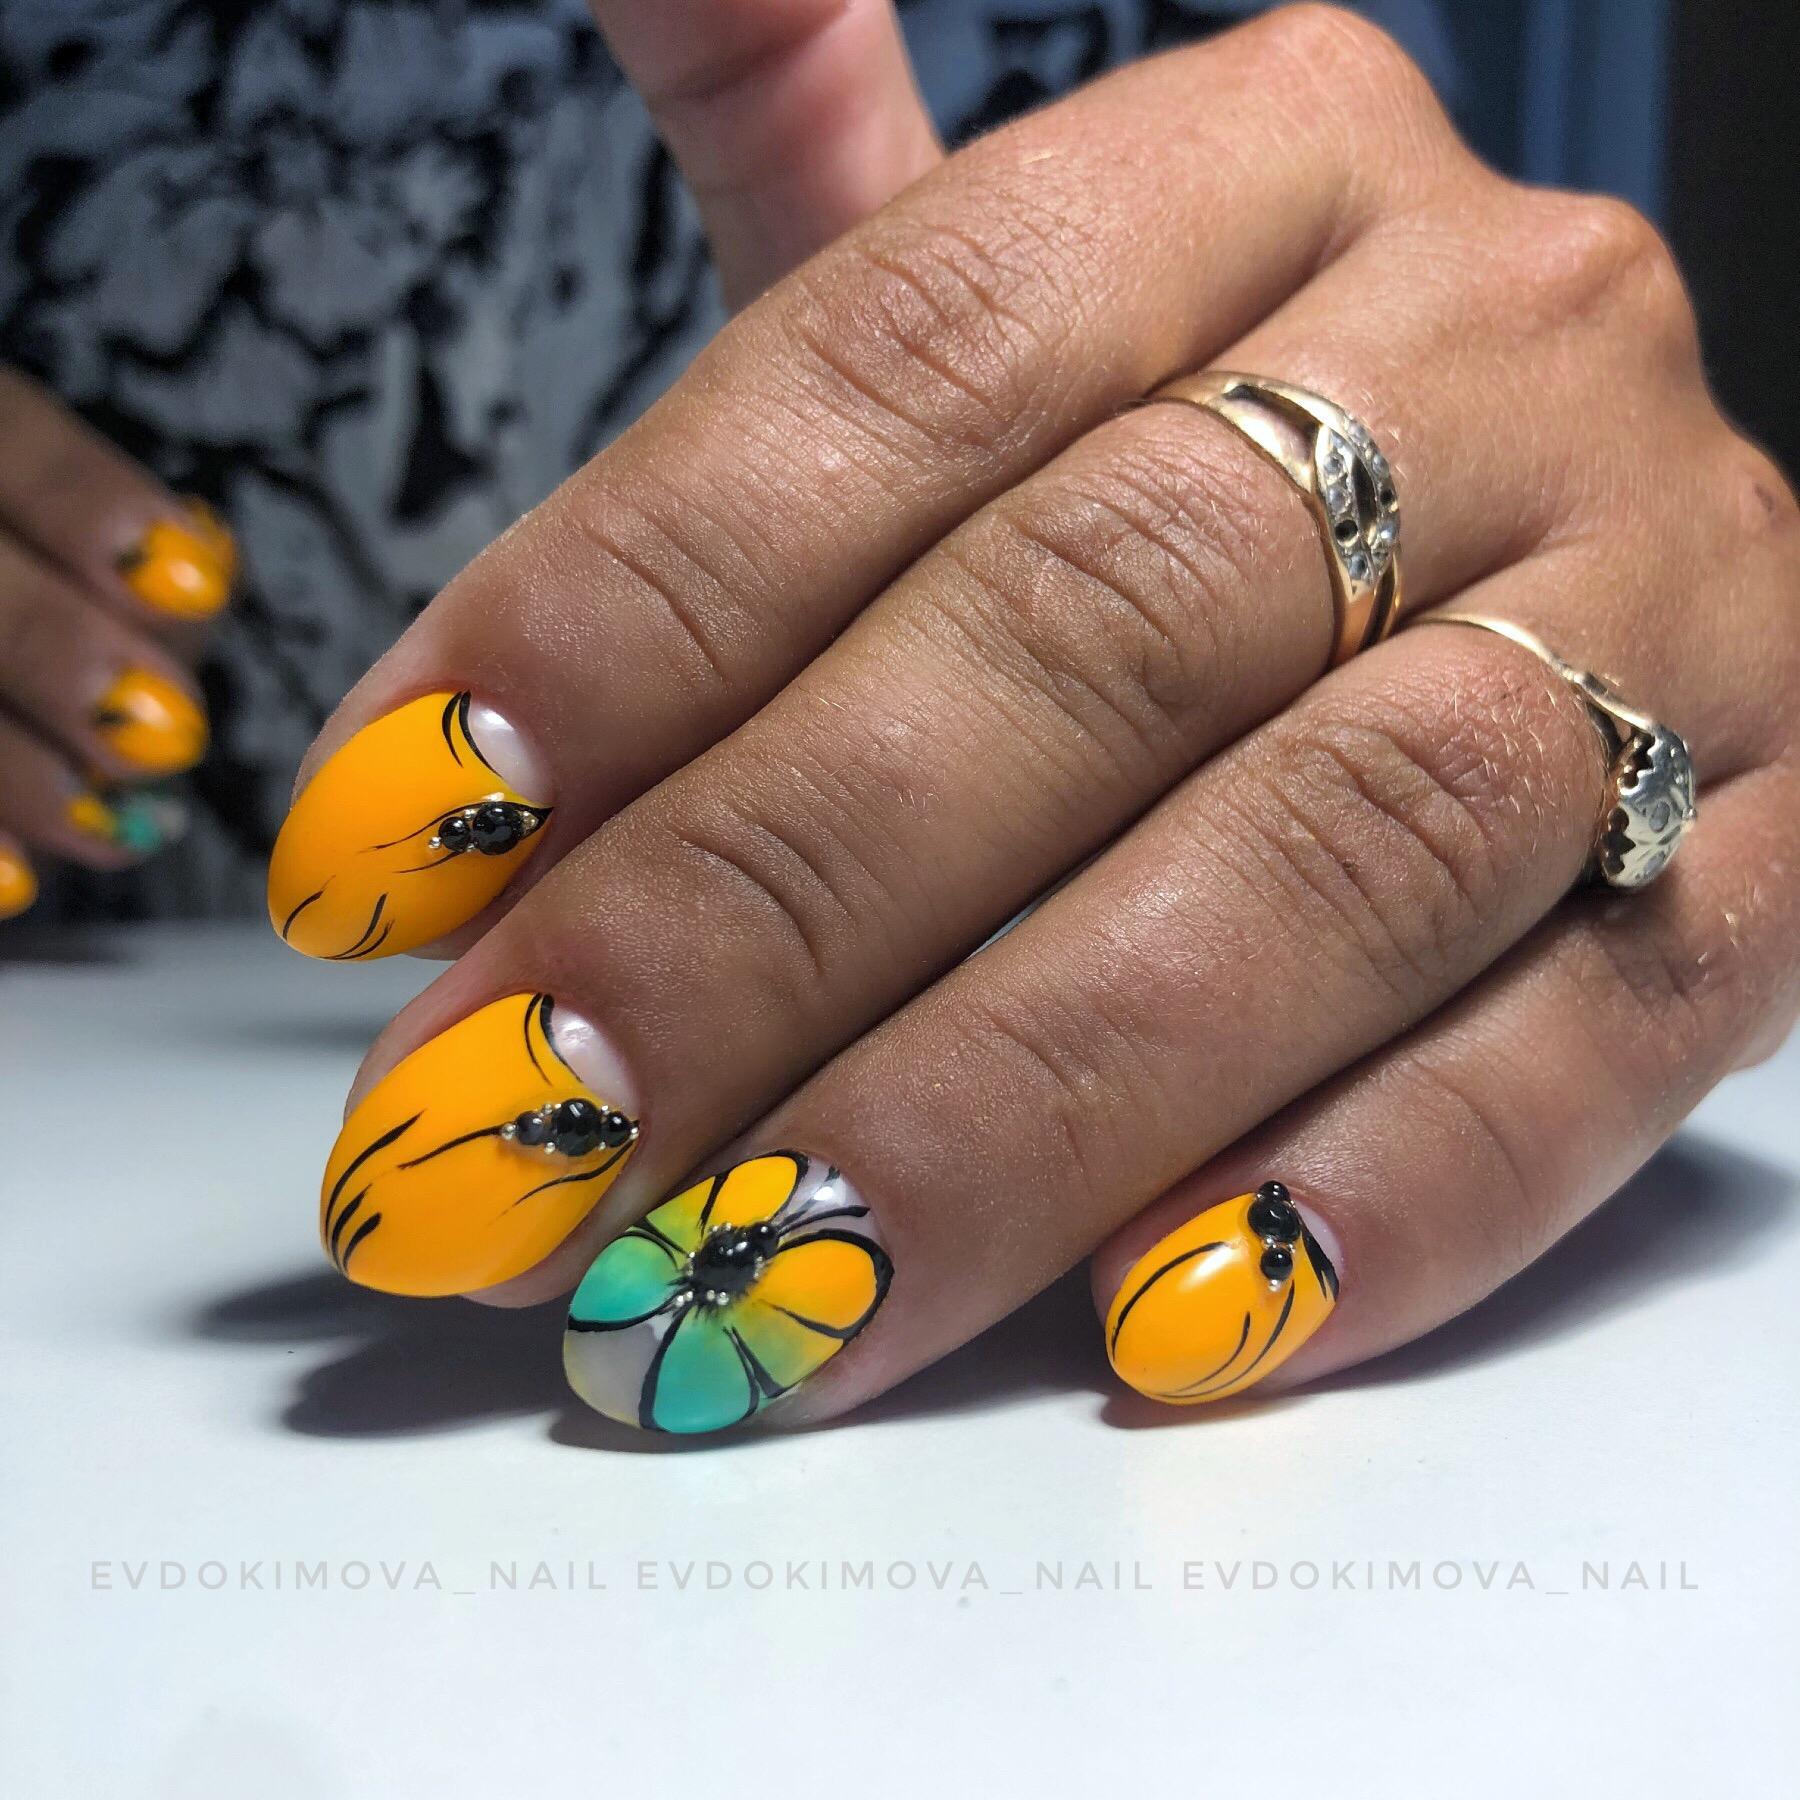 Маникюр с лунным дизайном и бабочкой в оранжевом цвете на короткие ногти.